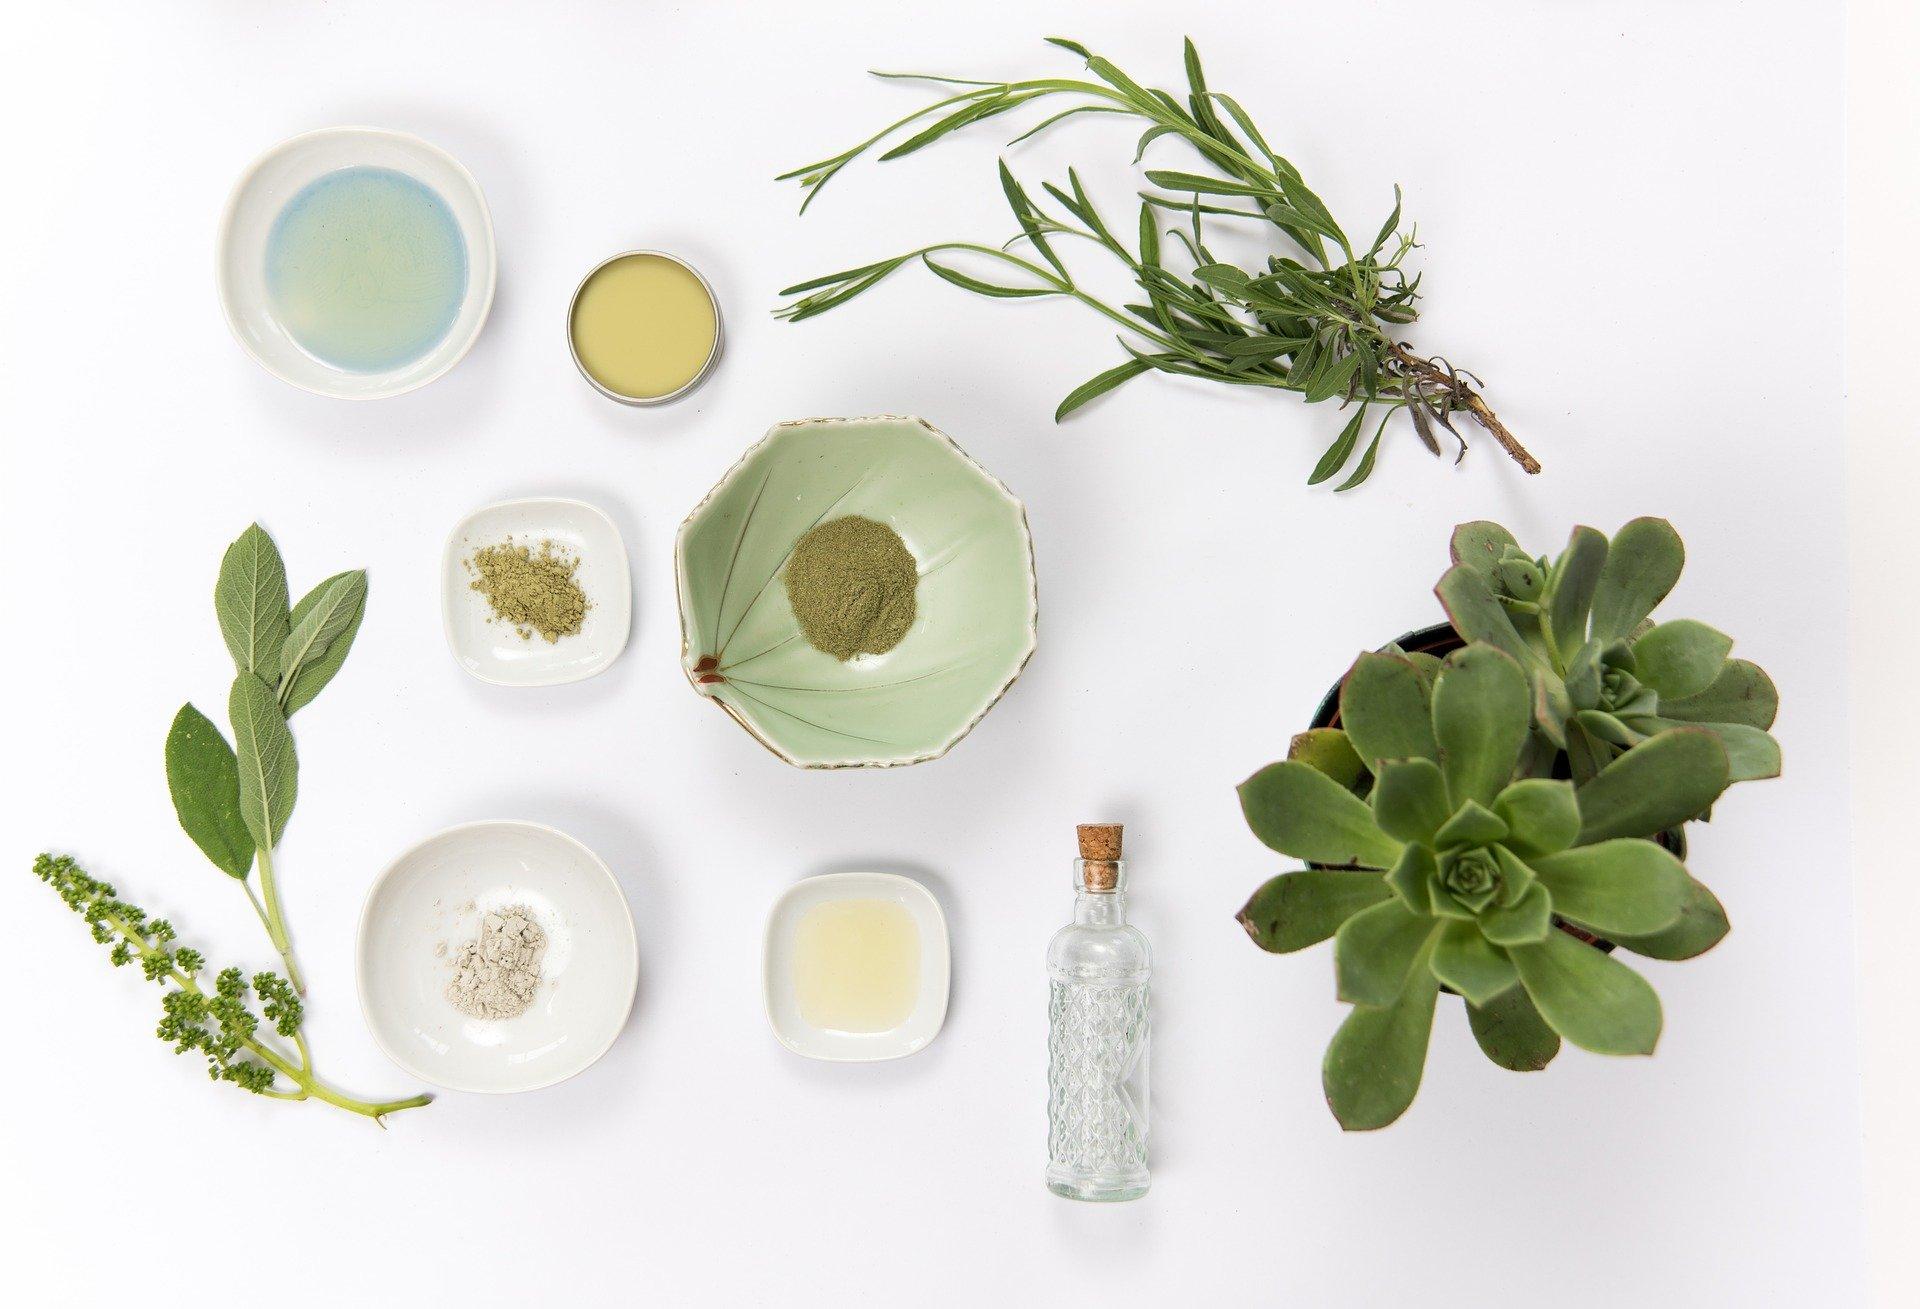 produits cosmétiques naturels écologiques et slow